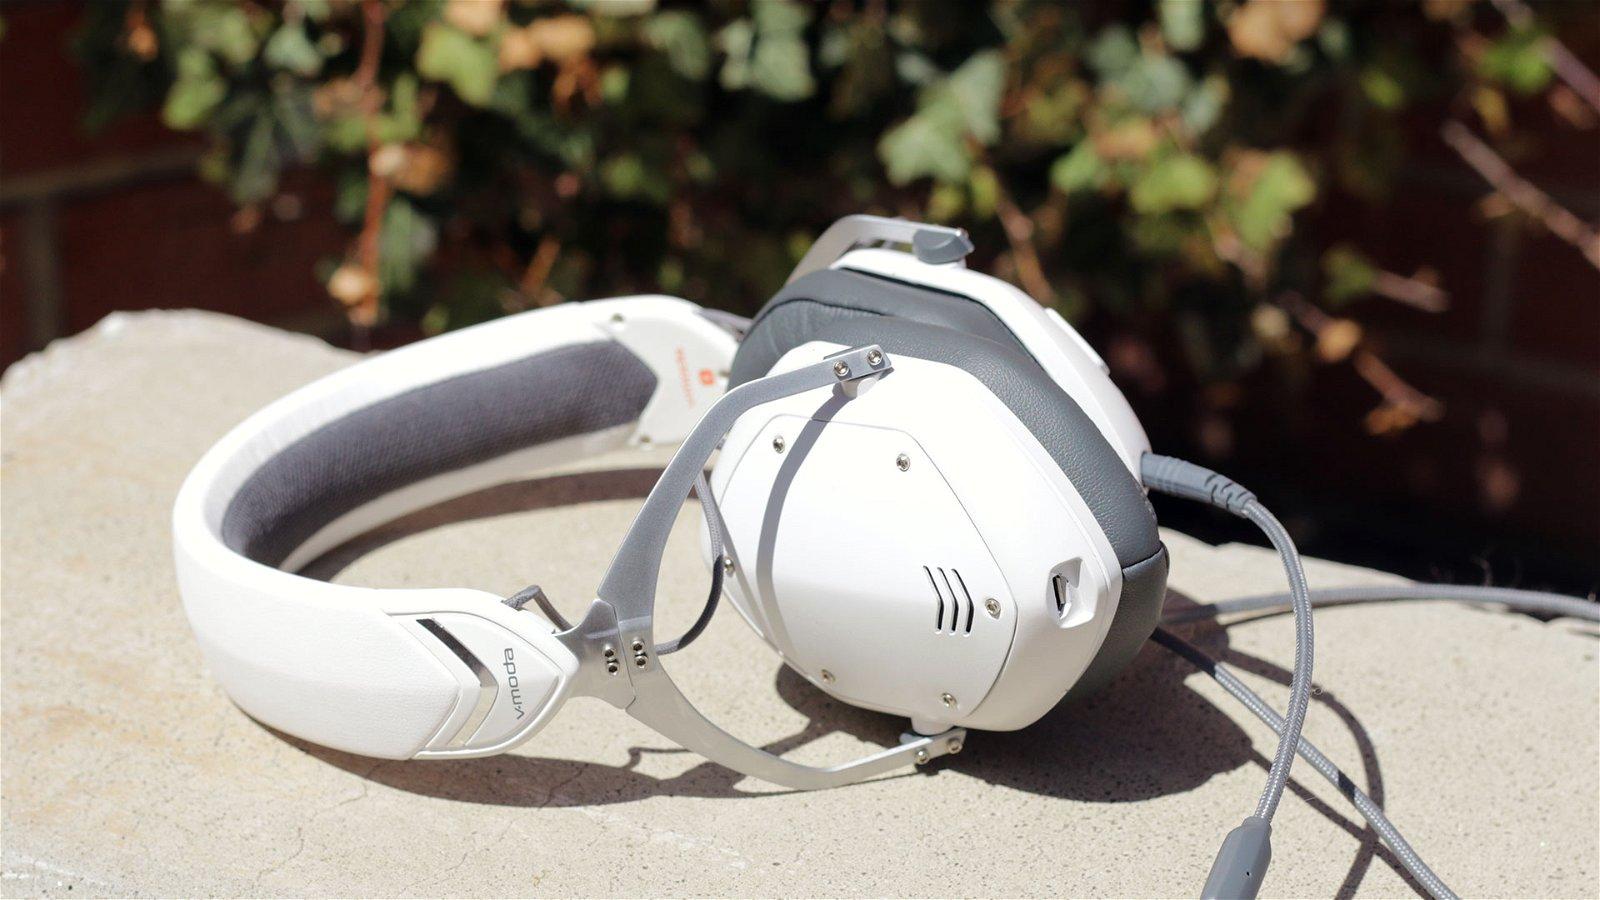 V-Moda Crossfade 2 Headphones Review 4